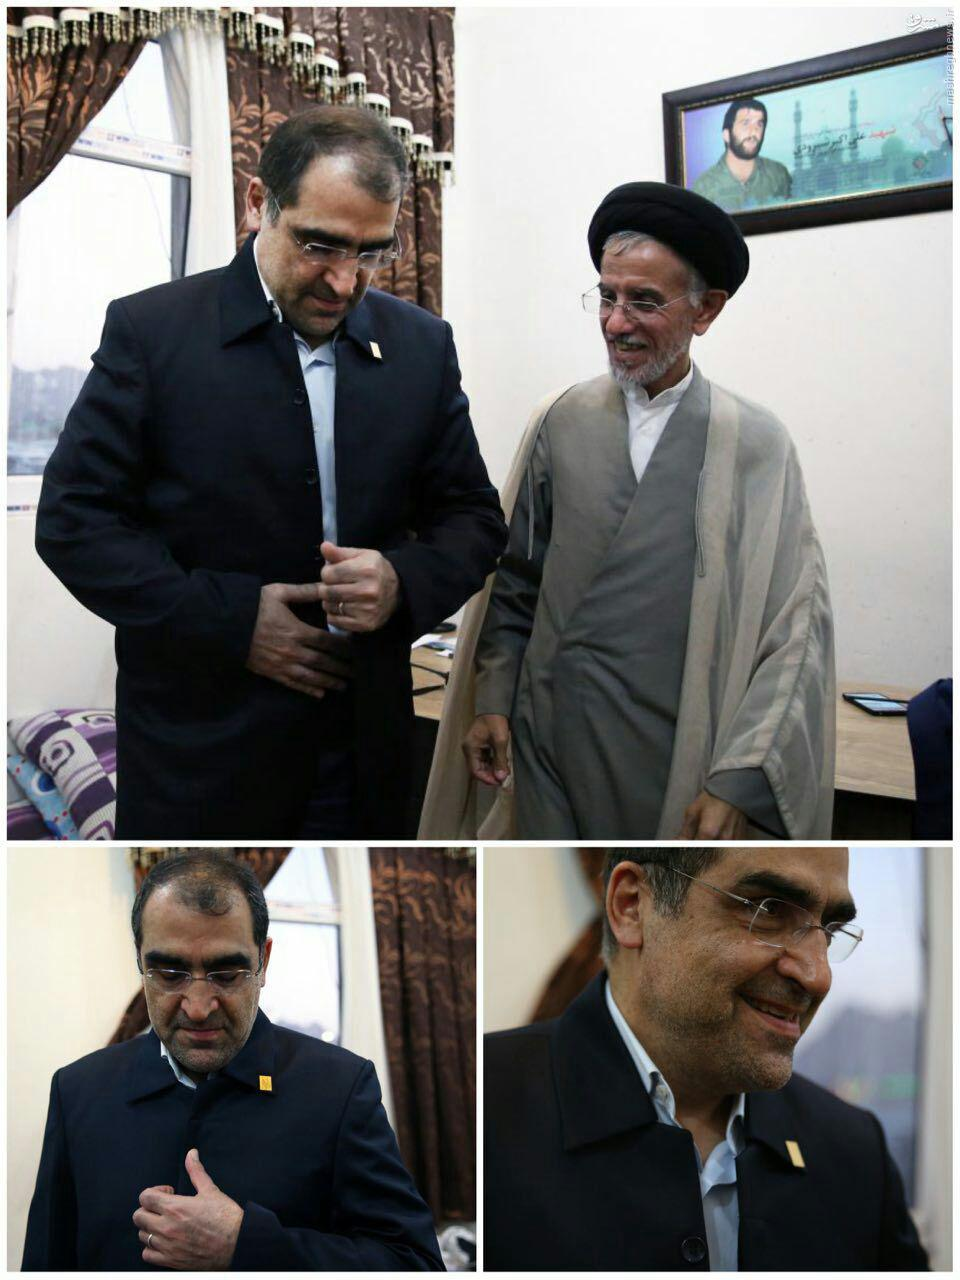 عکس/ وزير بهداشت با لباس خادمي مسجد جمكران